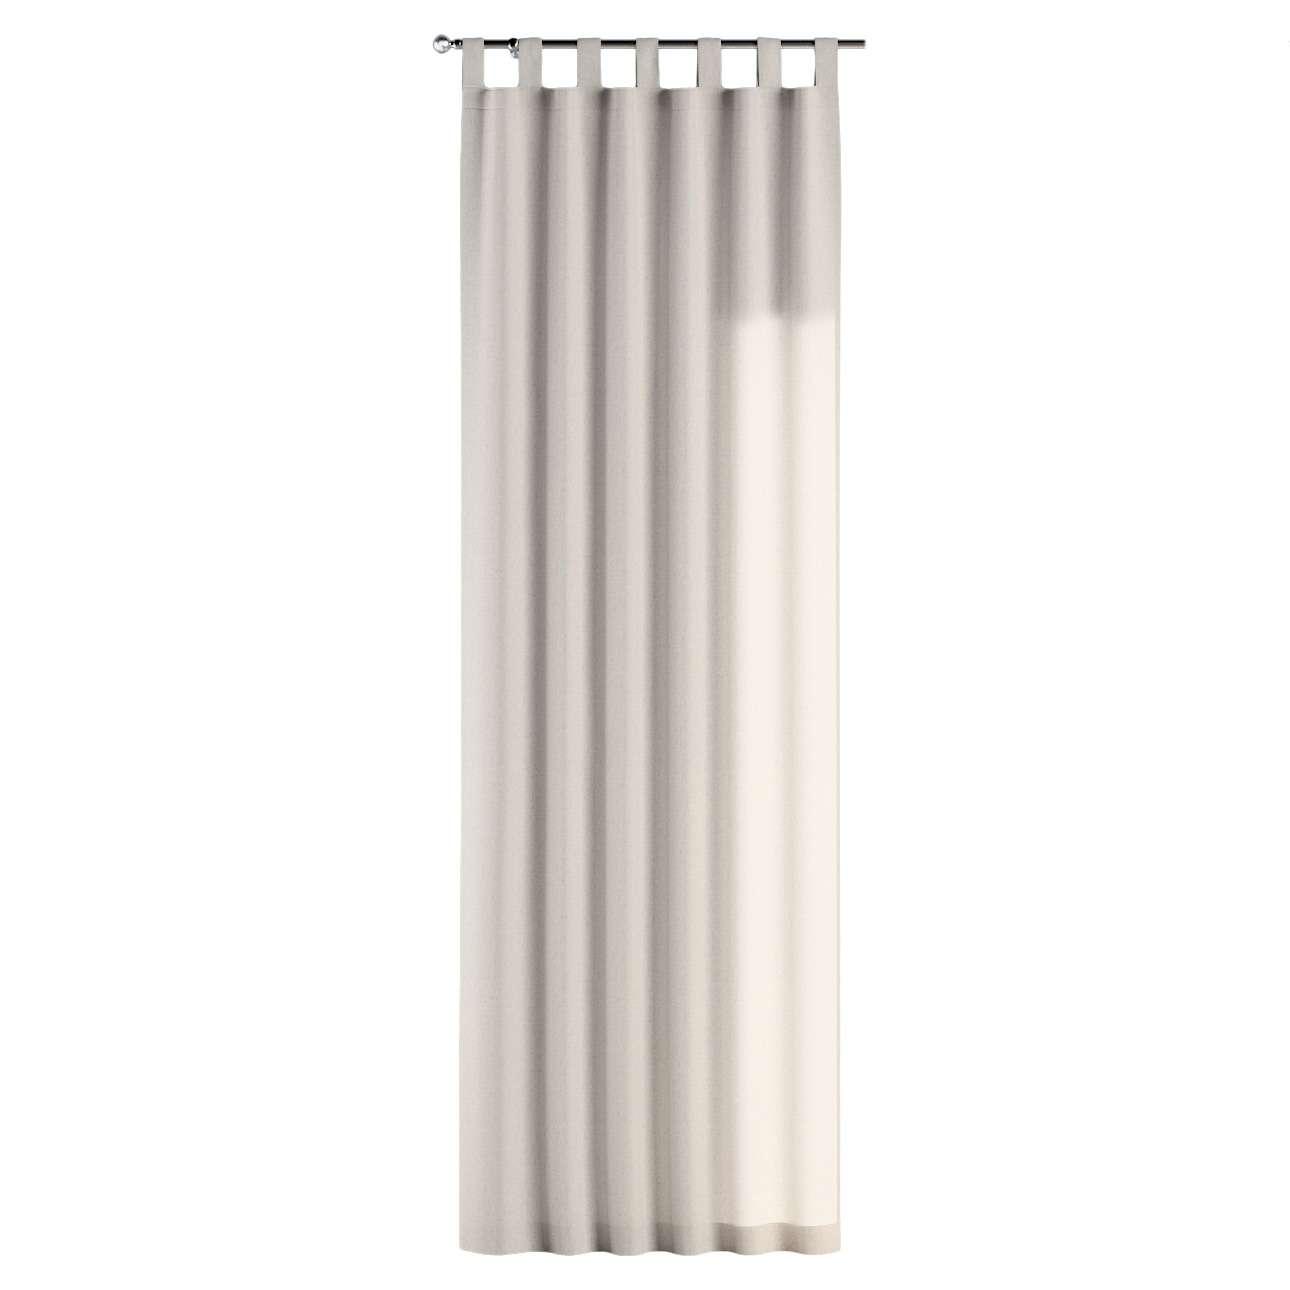 Závěs na poutka 130 x 260 cm v kolekci Loneta, látka: 133-65